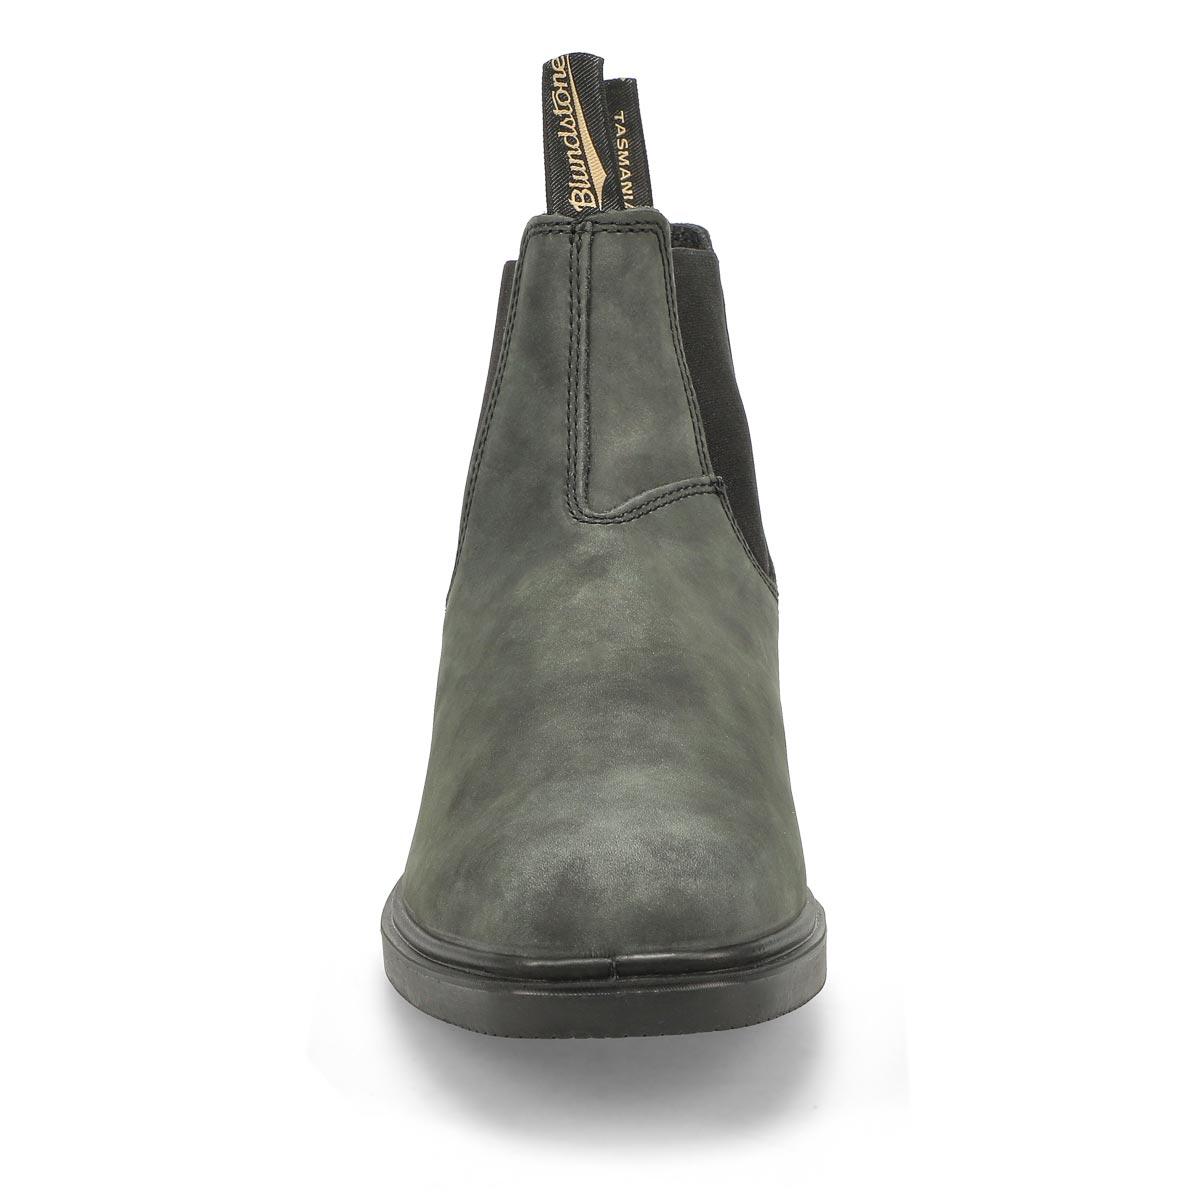 Botte CHISEL TOE, noir rustique, unisexe